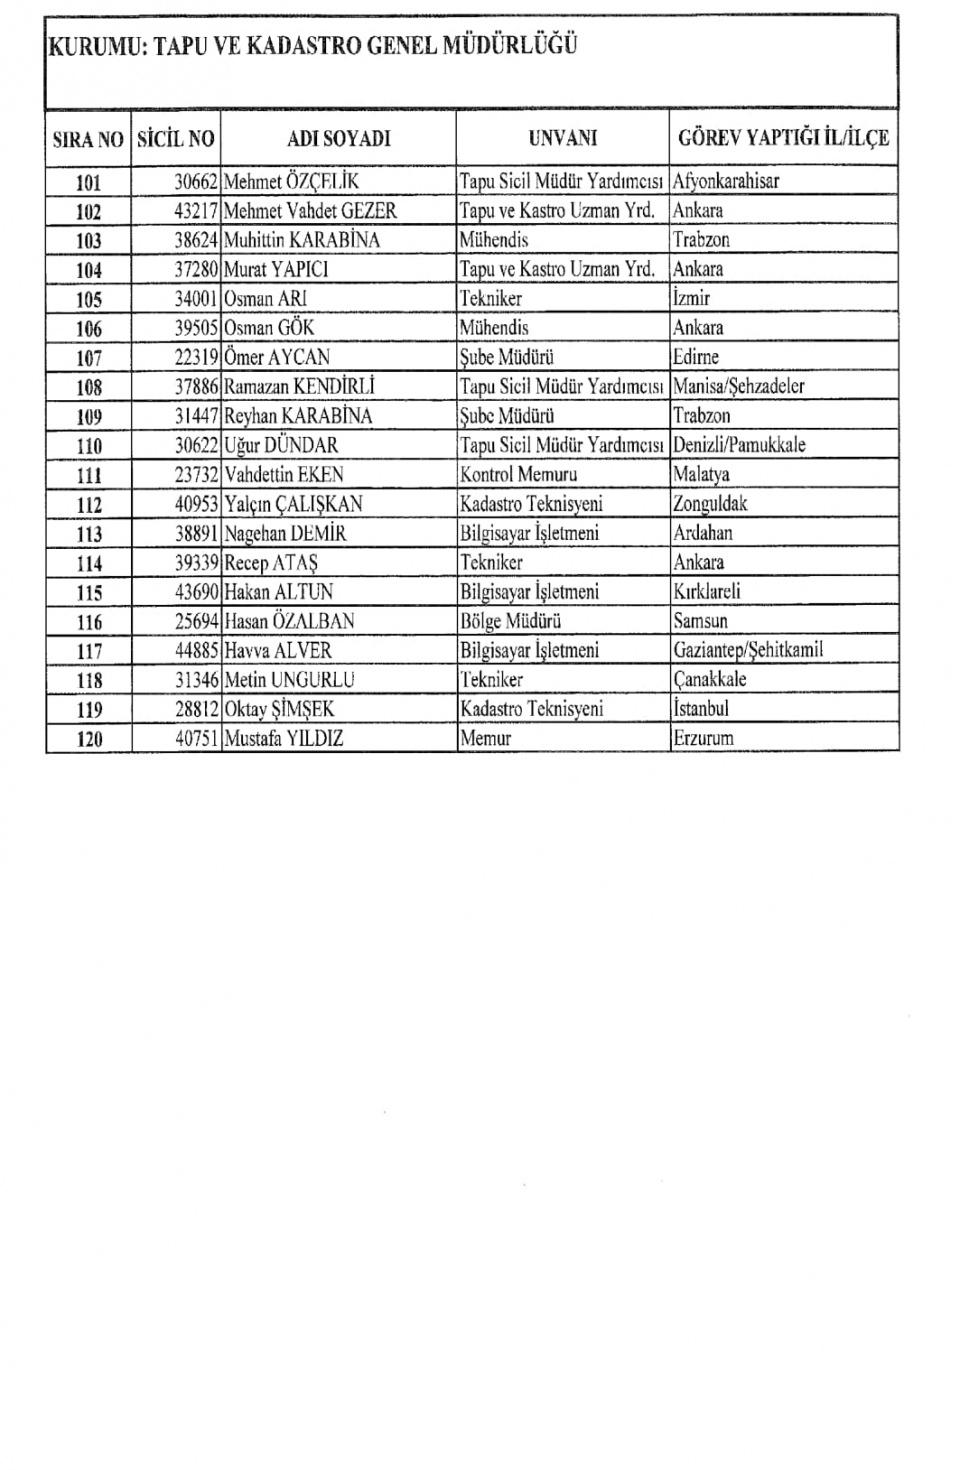 İşte kamuda ihraç edilenlerin tam listesi 123